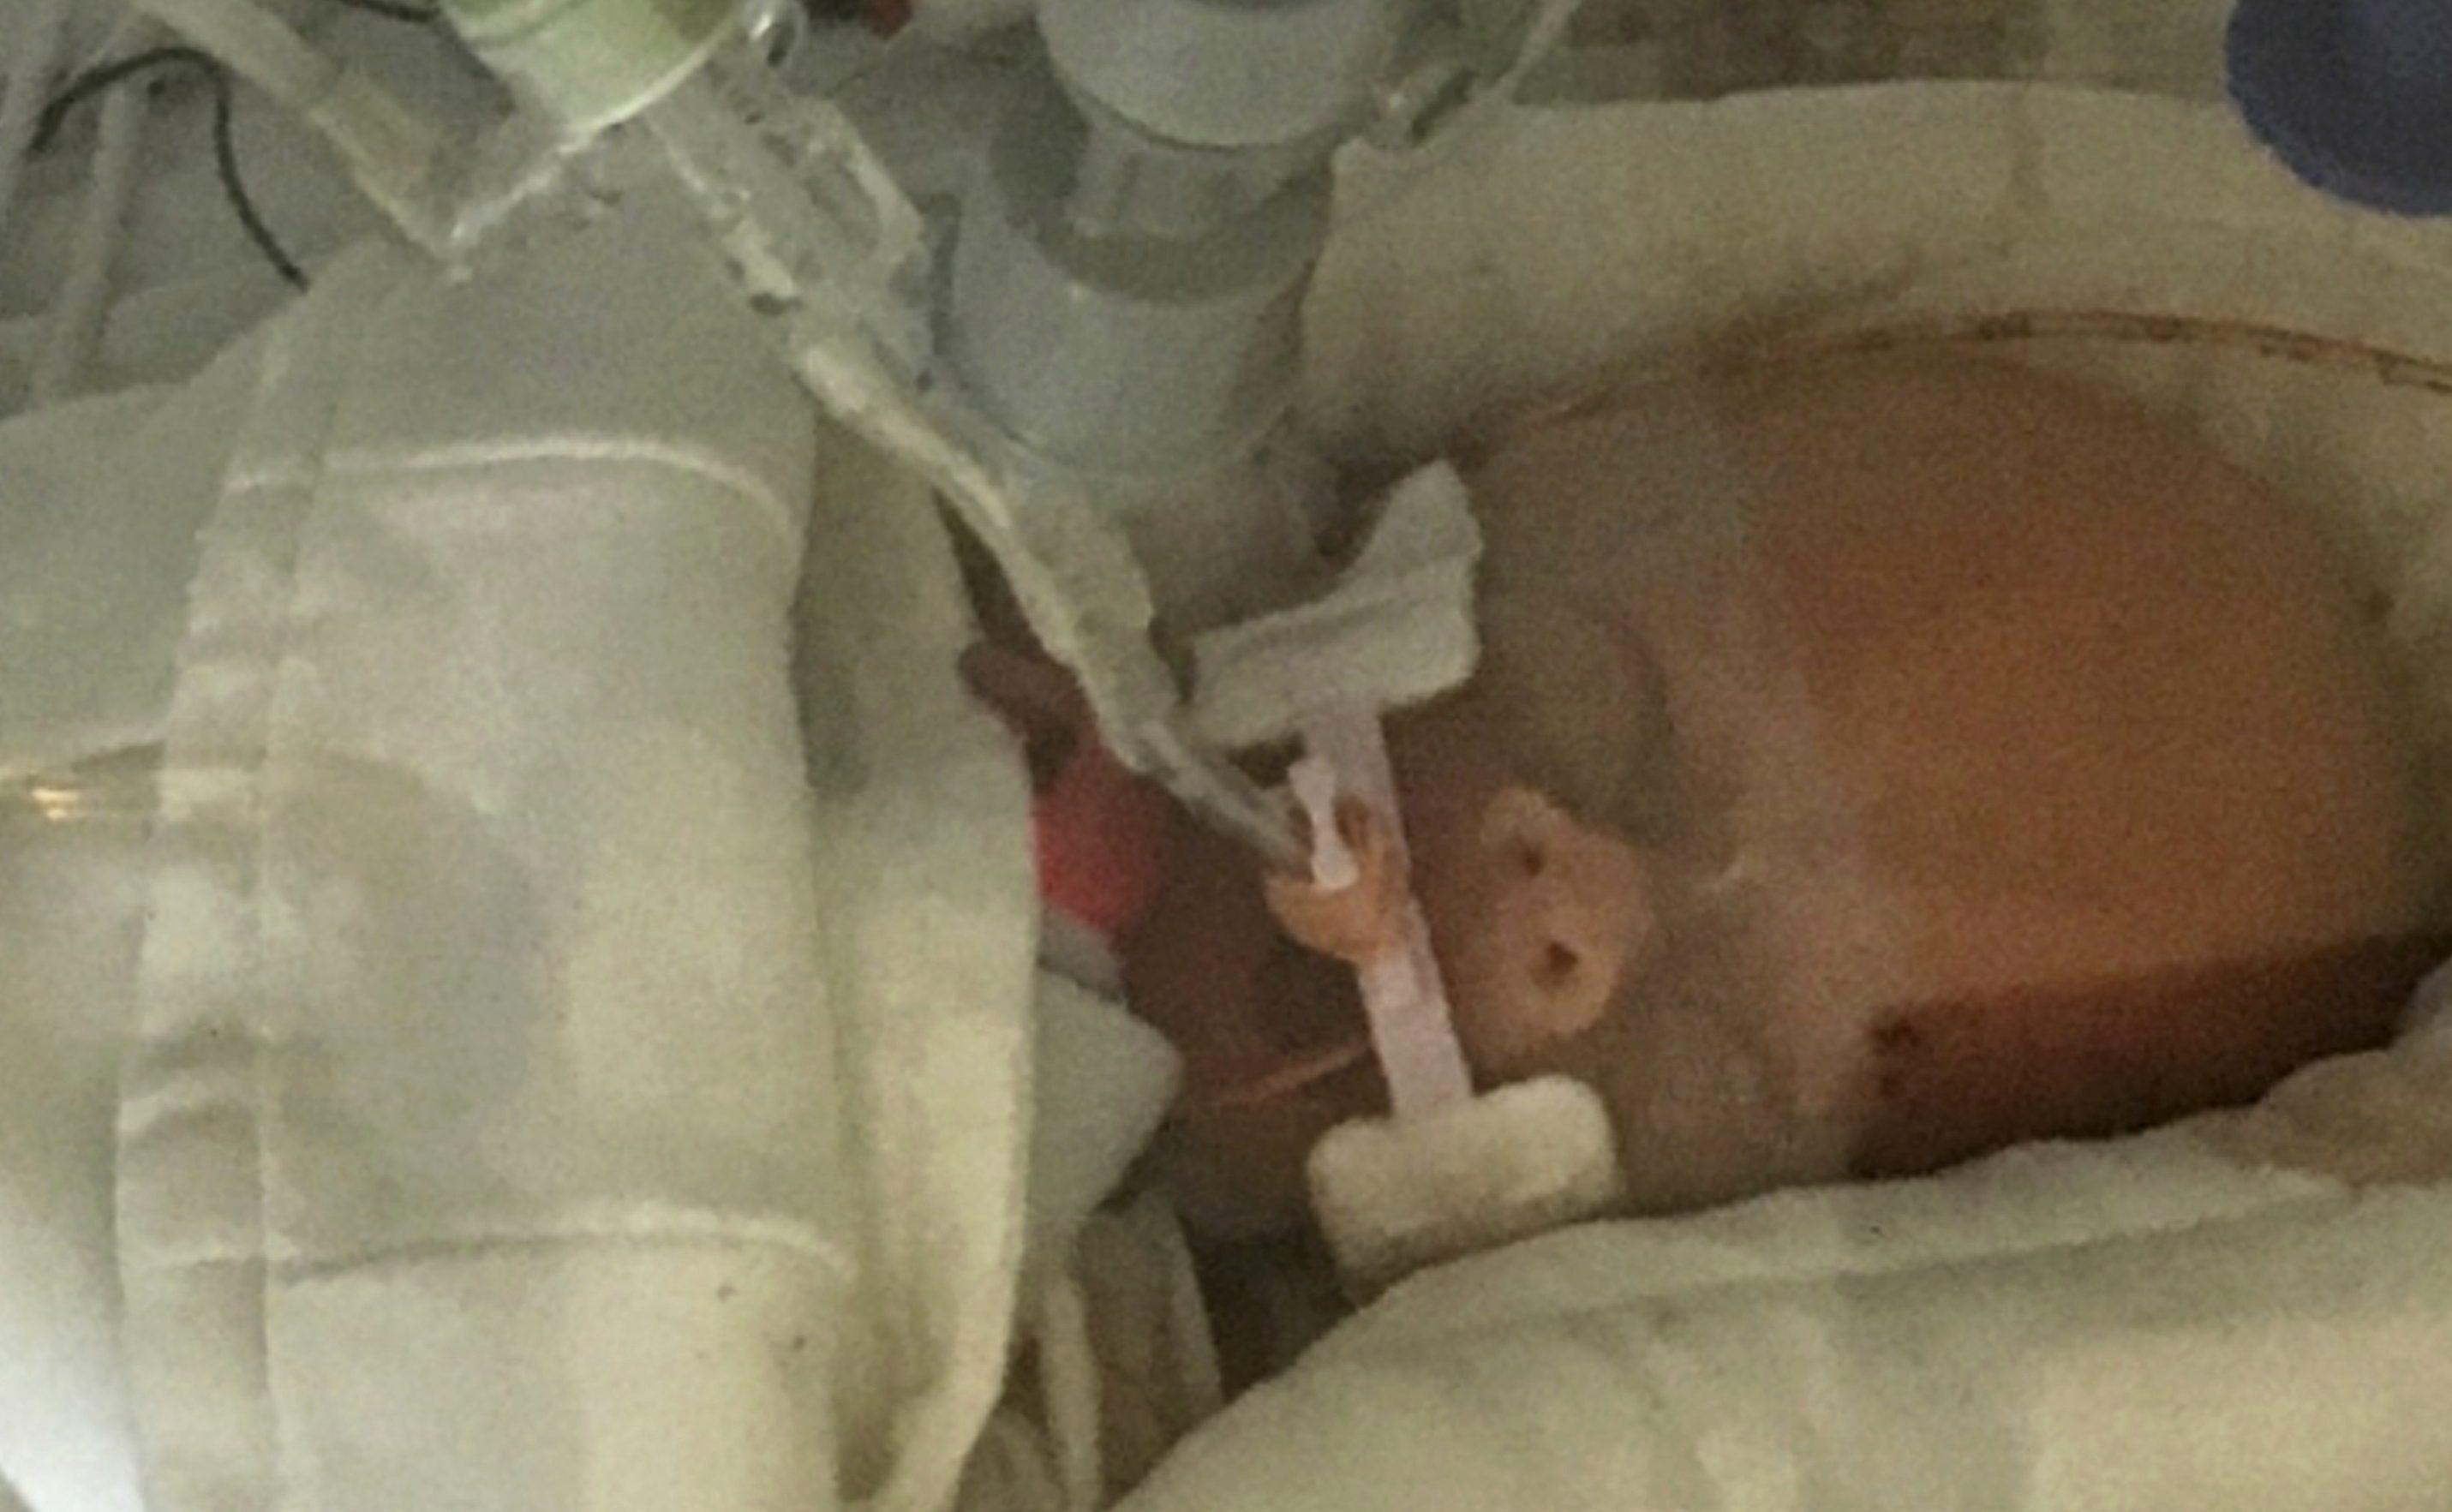 Schwangere wählt Tod, um Baby zu retten - Kind stirbt danach